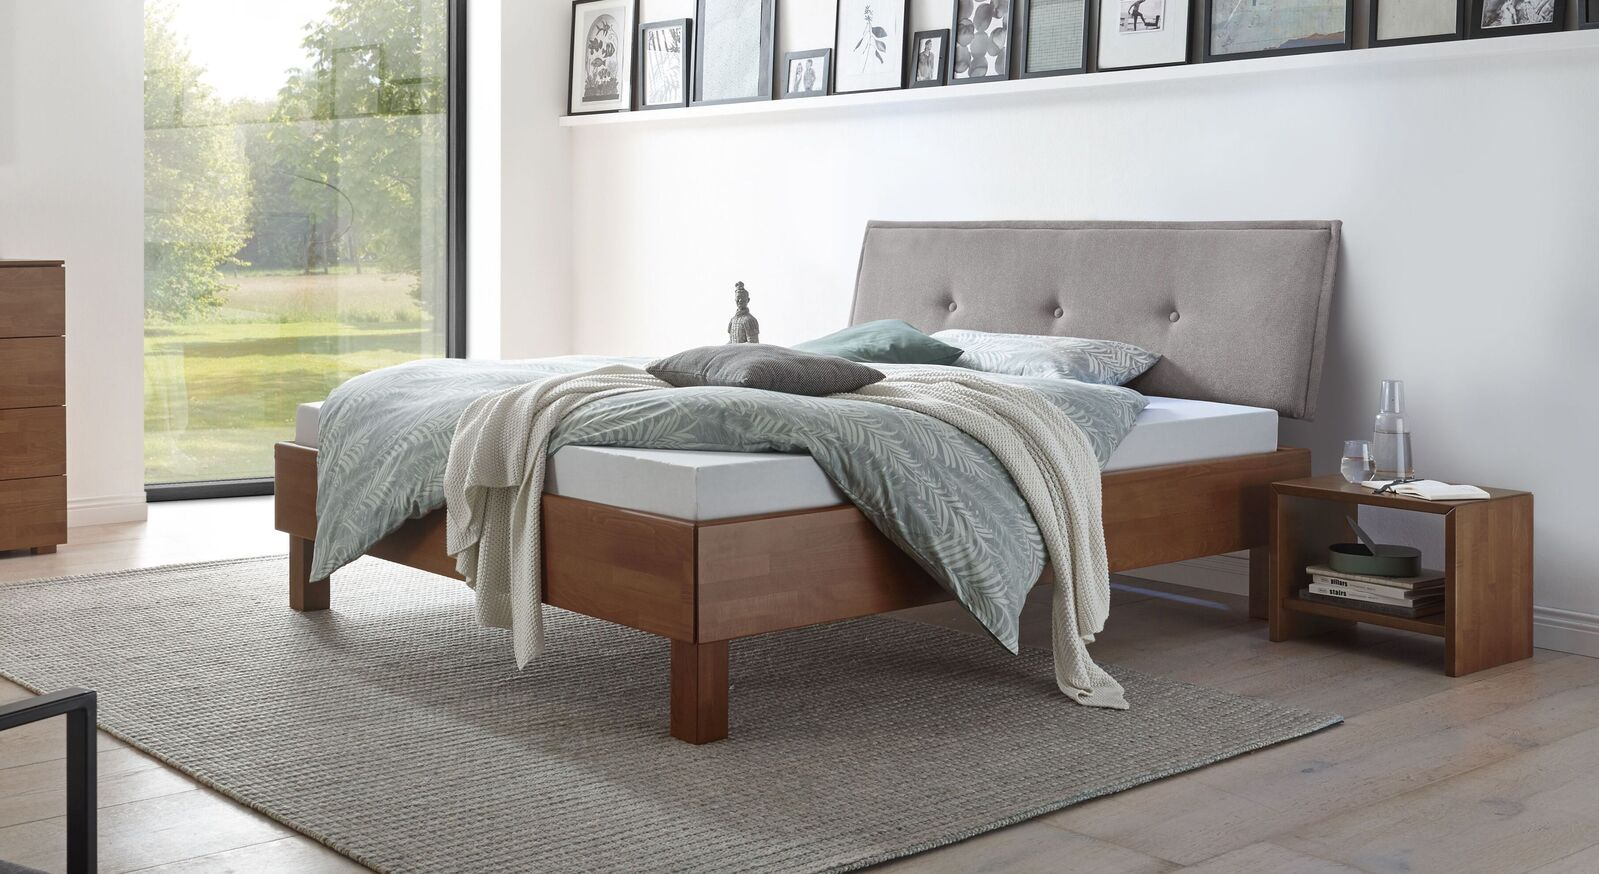 Massives Bett Fenzlo aus nussbaumfarbenem Holz